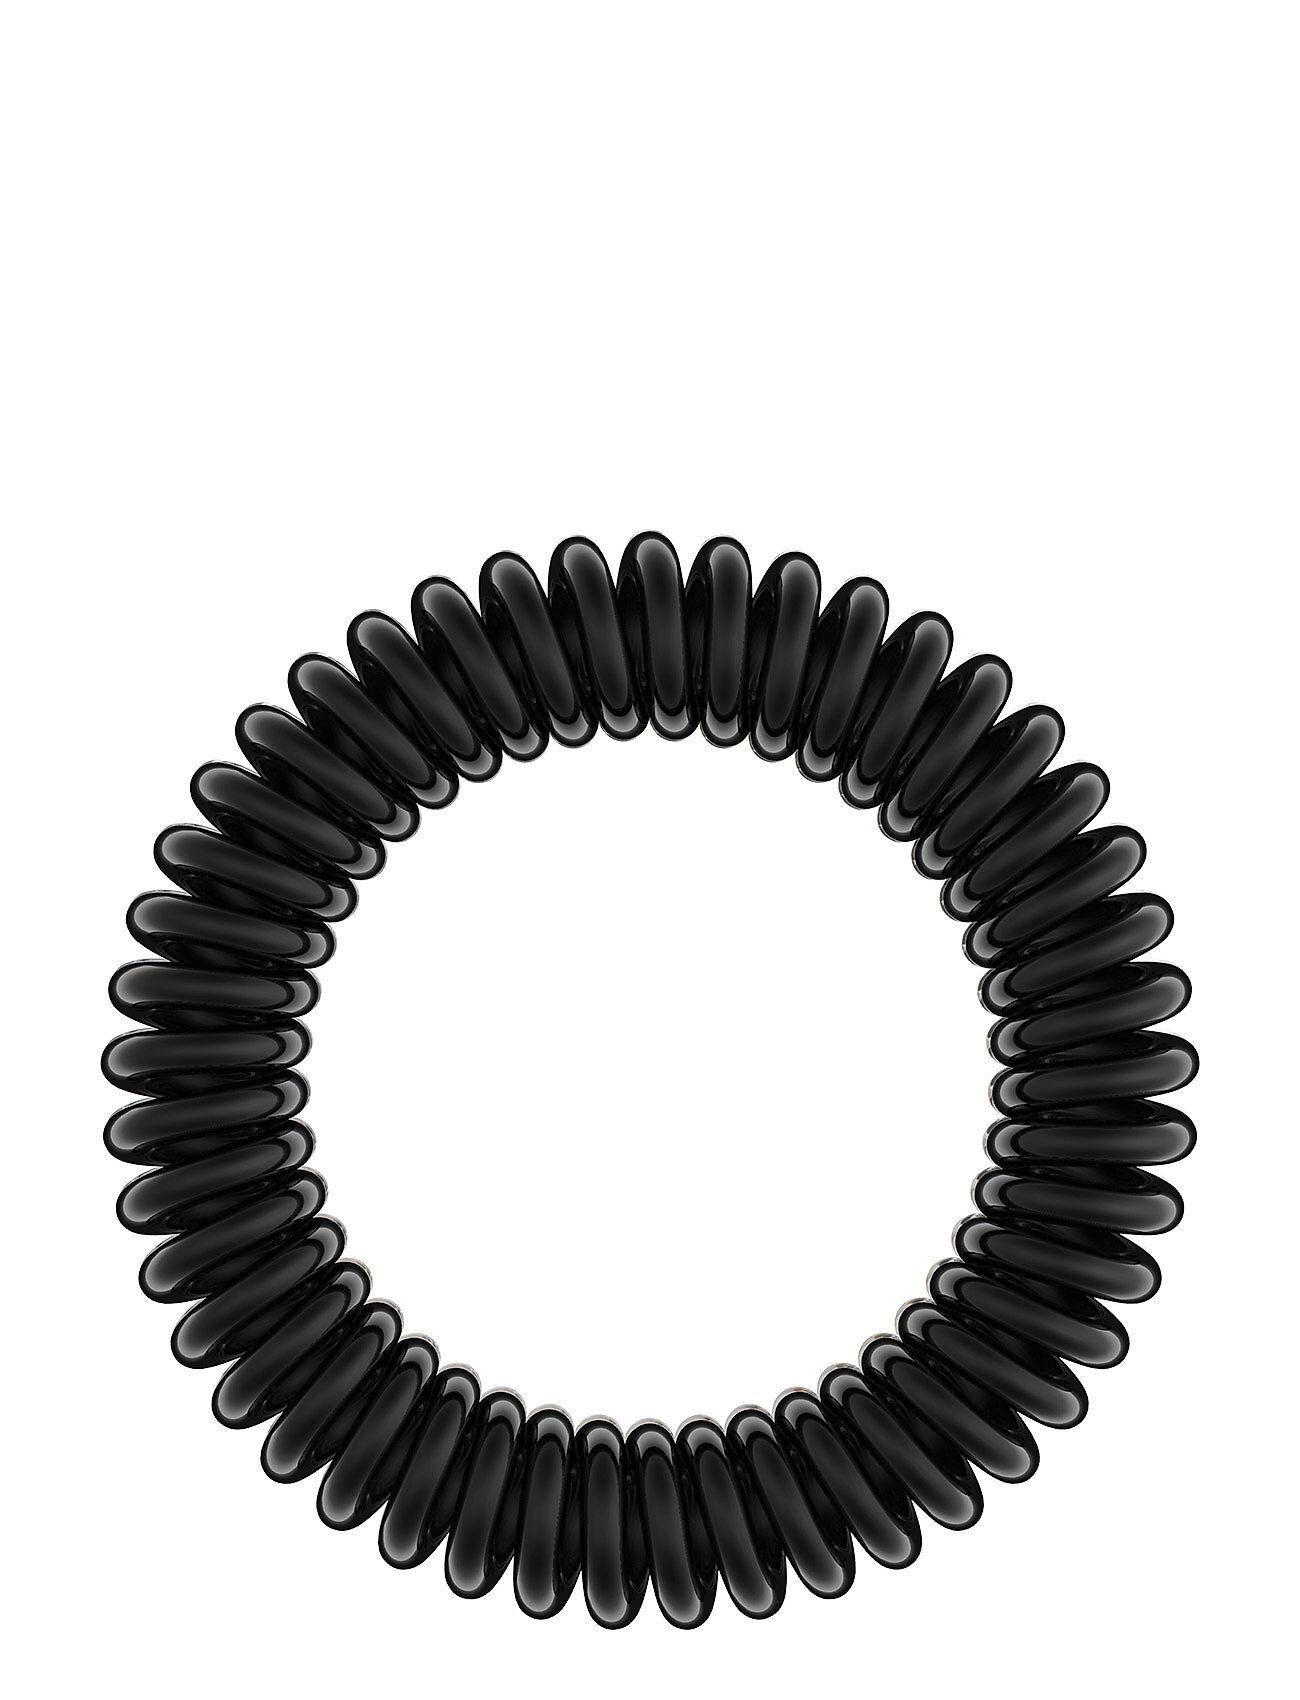 Image of Invisibobble Slim True Black Accessories Hair Accessories Hair Accessories Musta Invisibobble